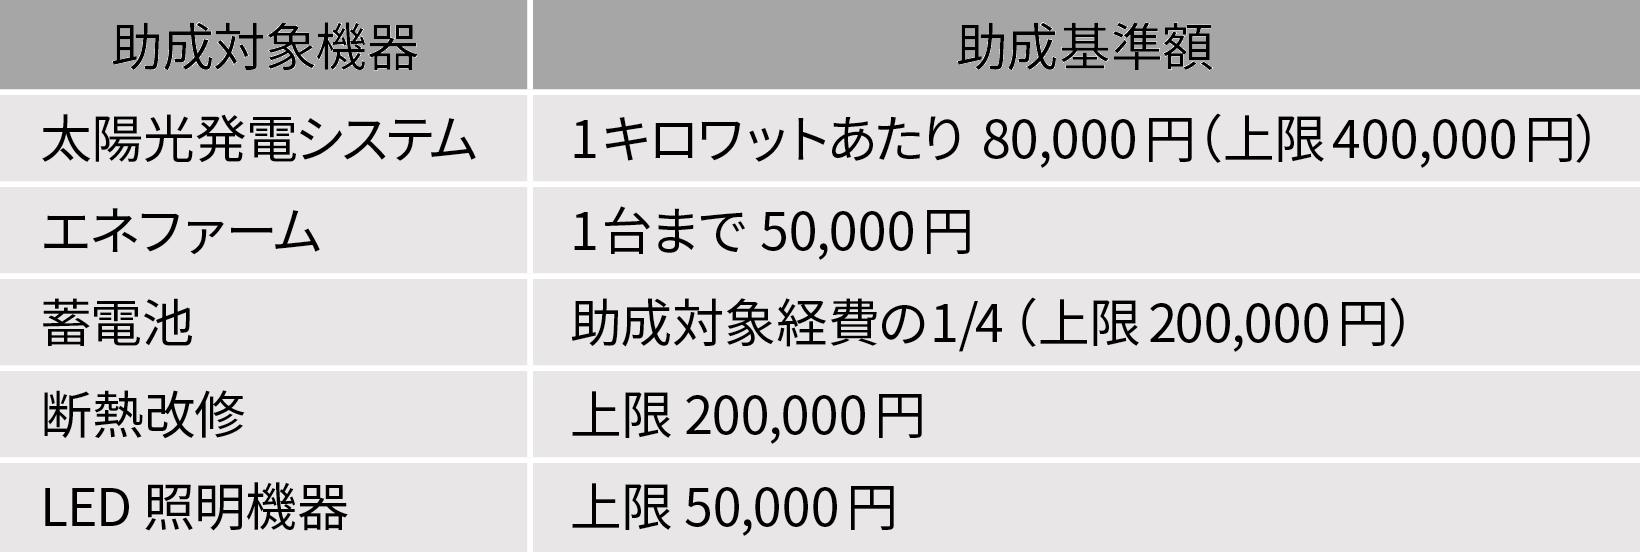 葛飾区「かつしかエコ助成金」(2020年1月現在)